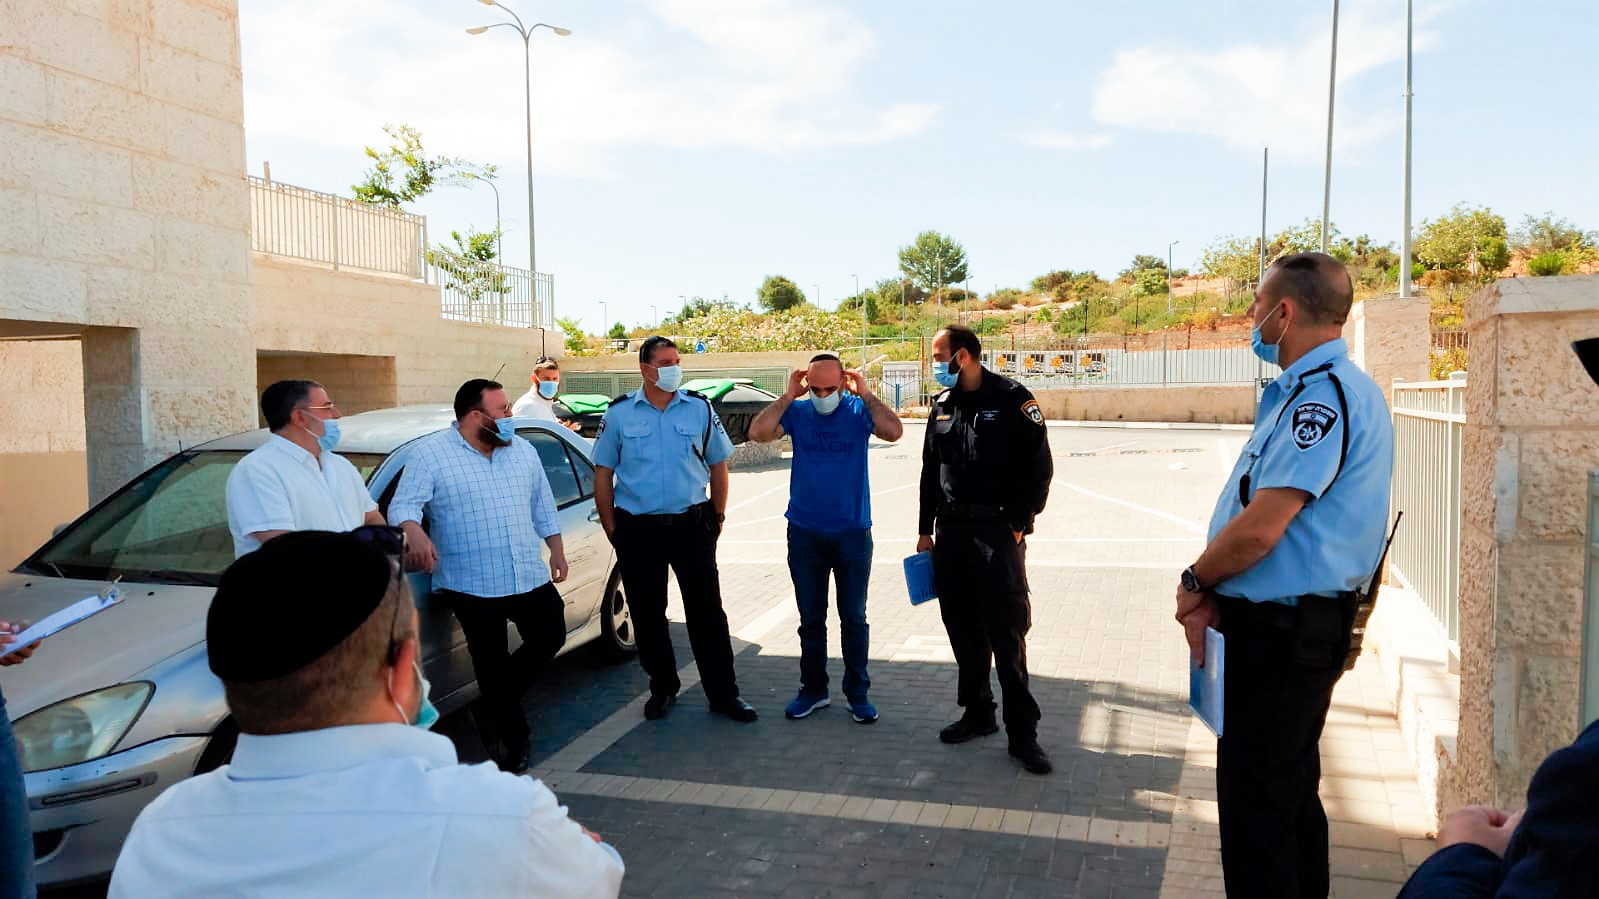 סיור בכירים ממשטרת בית שמש ברמה ג'